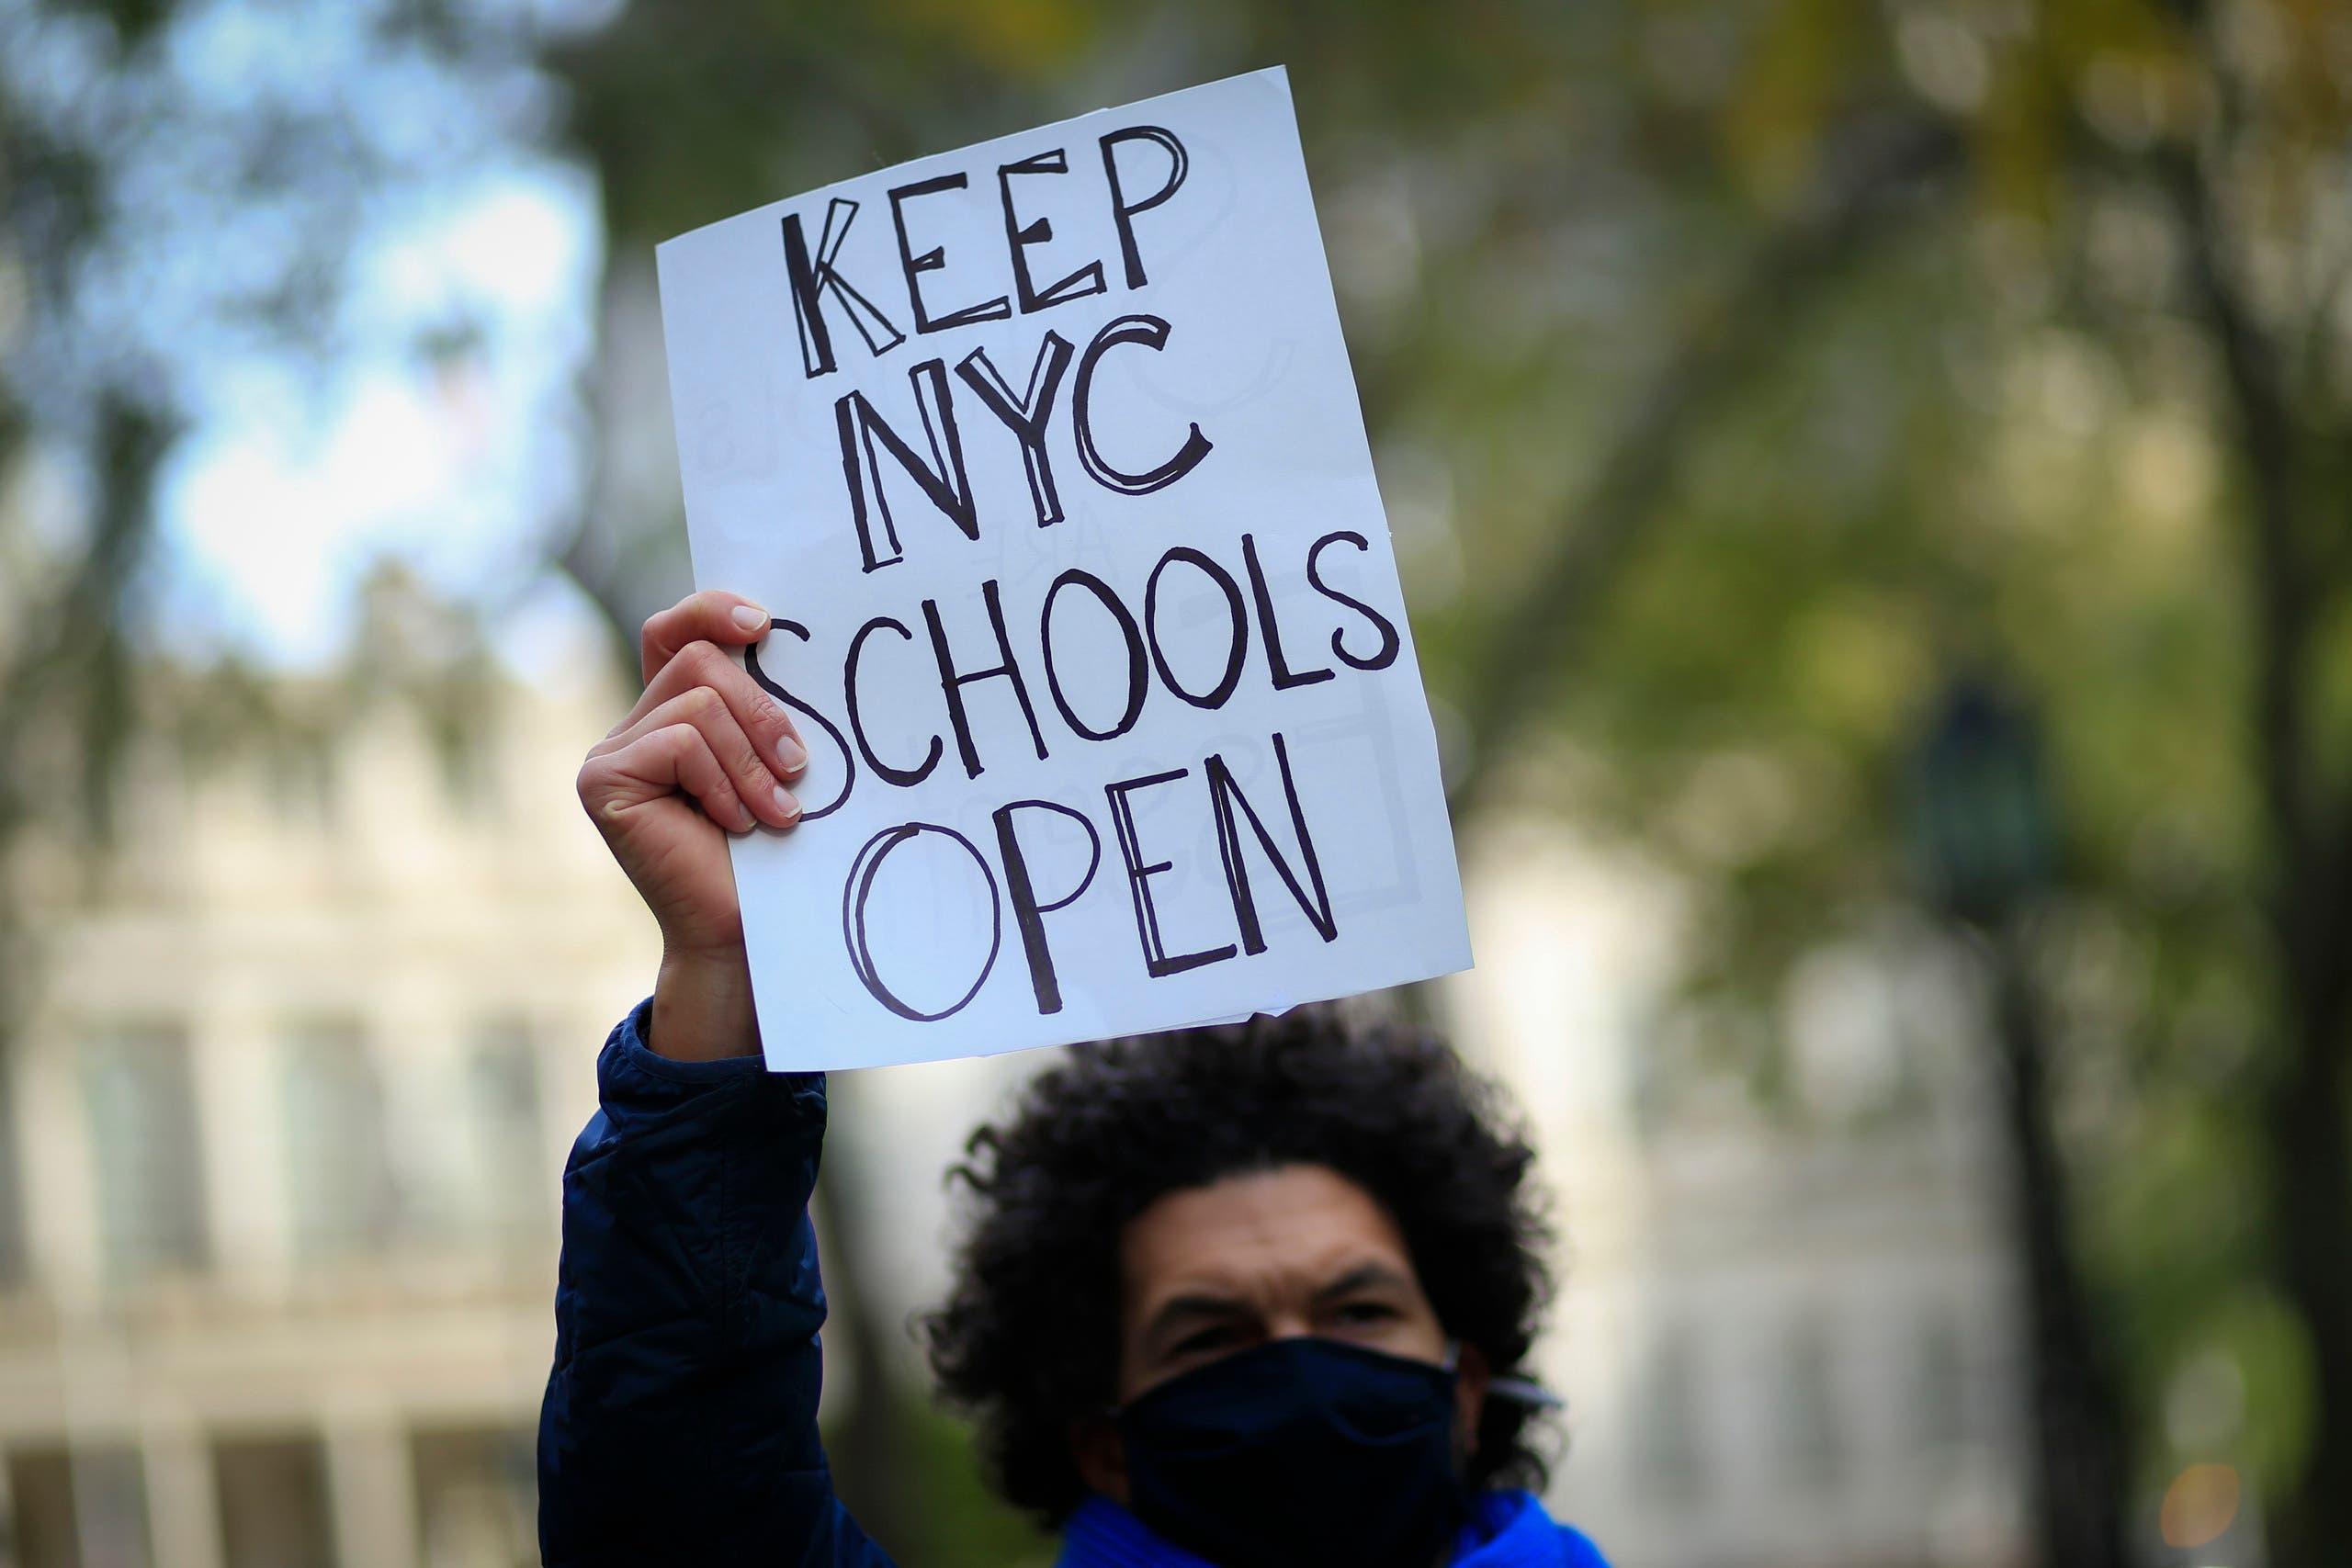 مطالبات لإبقاء المدارس مفتوحة